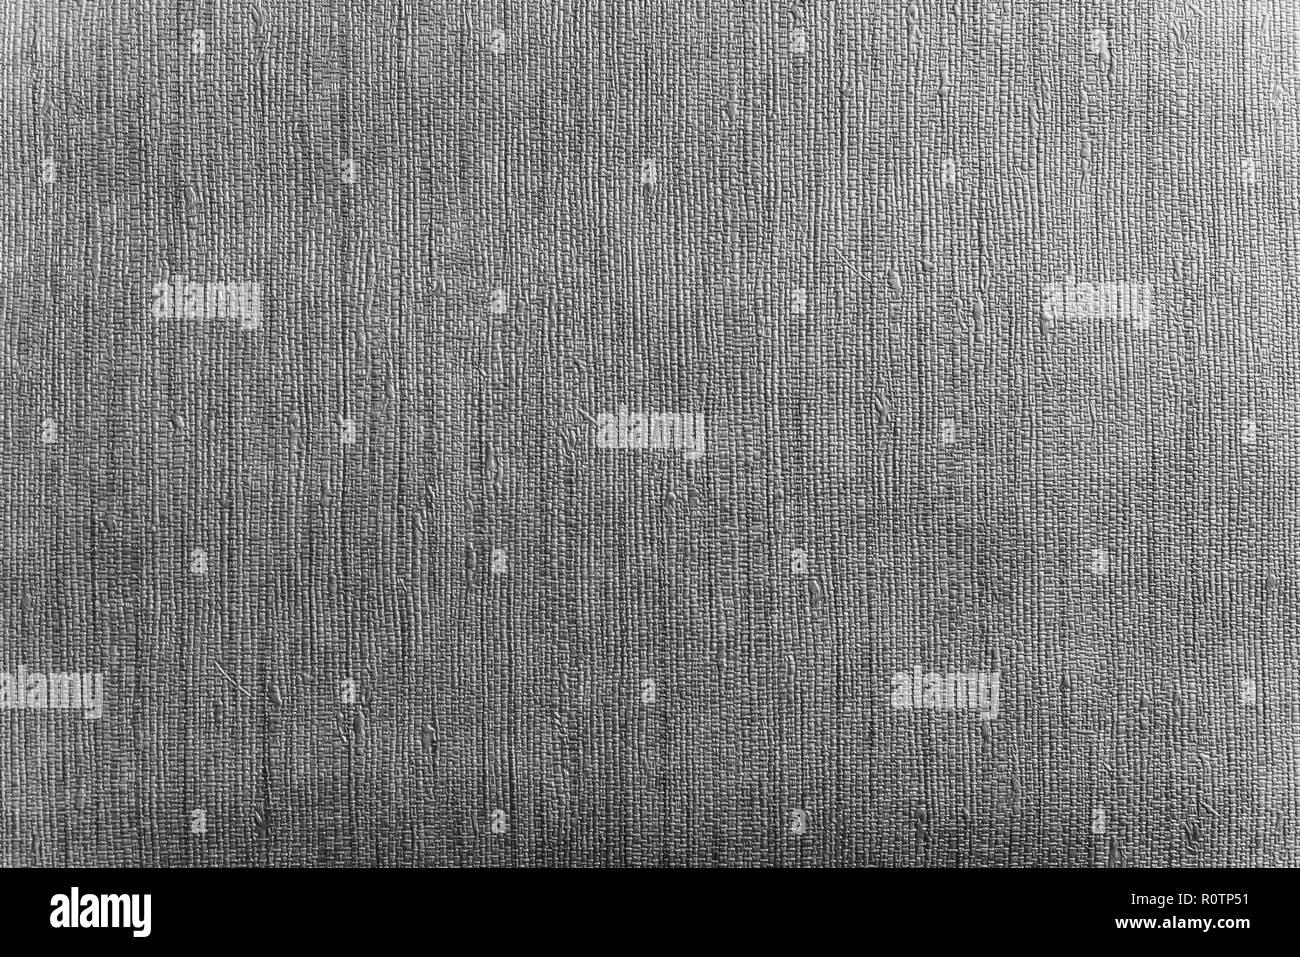 Häufig Zusammenfassung Hintergrund aus grauer Stoff Textur auf Wand OV08